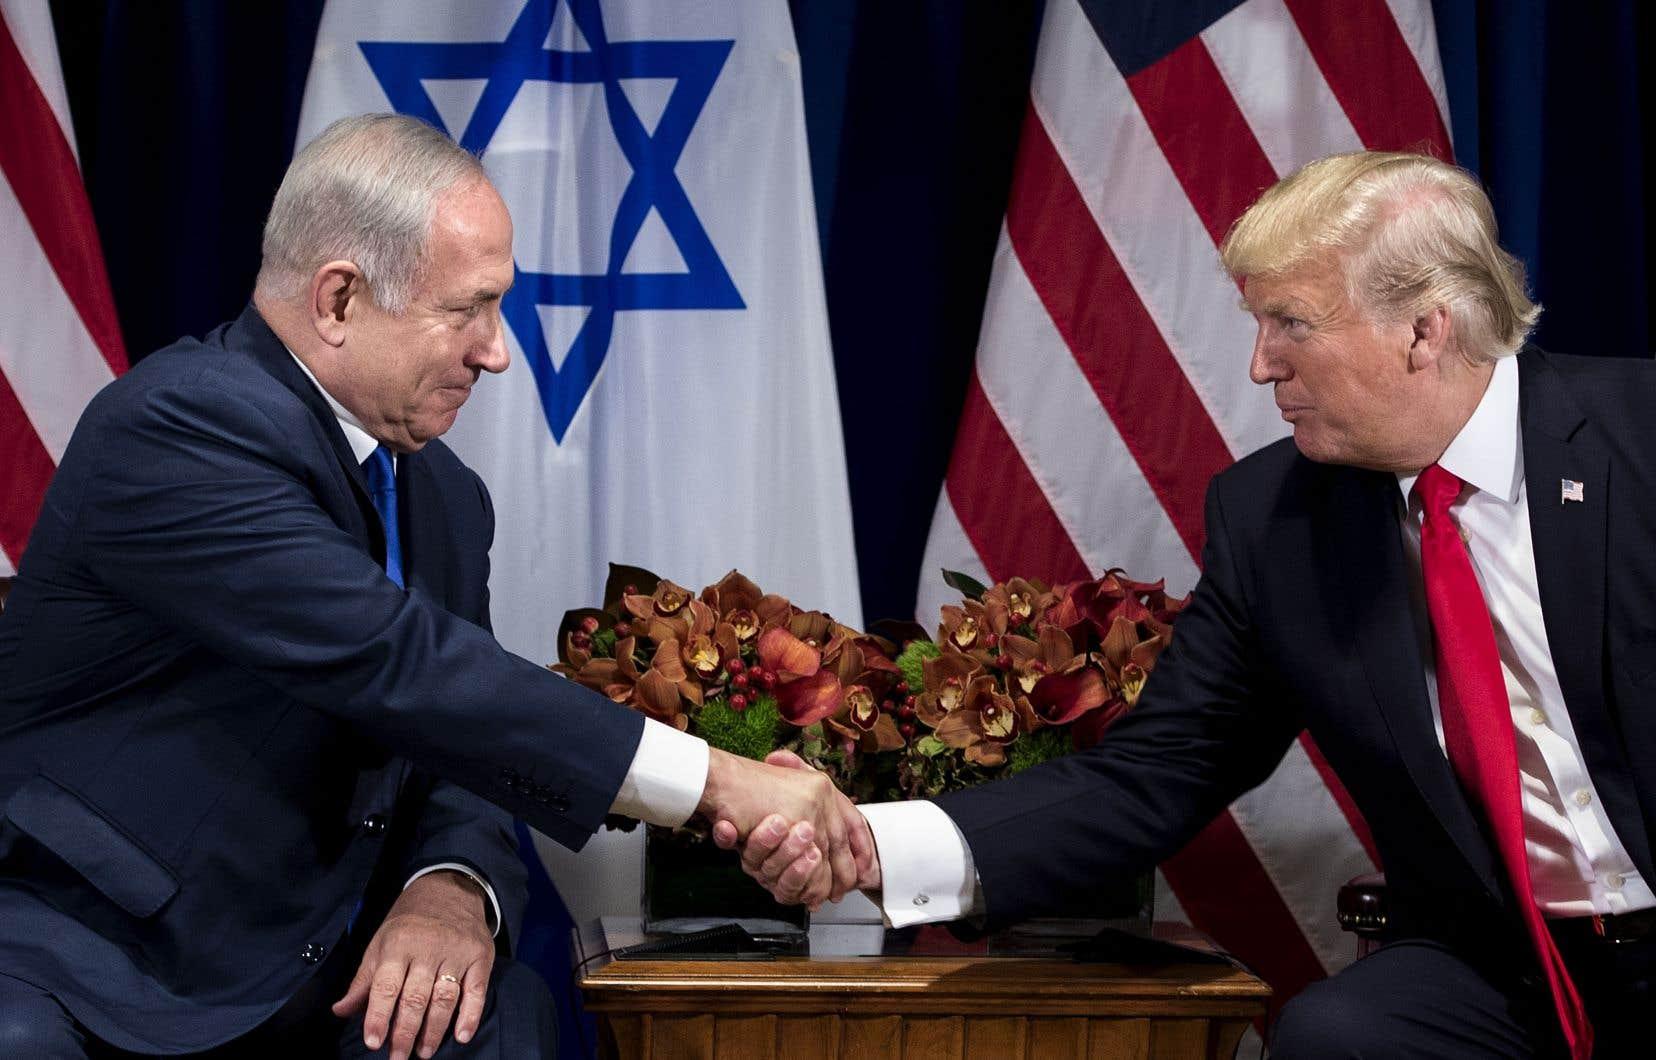 L'alliance de Nétanyahou avec Donald Trump a été scellée en 2018 par la décision du président américain de transférer l'ambassade des États-Unis de Tel-Aviv à Jérusalem.